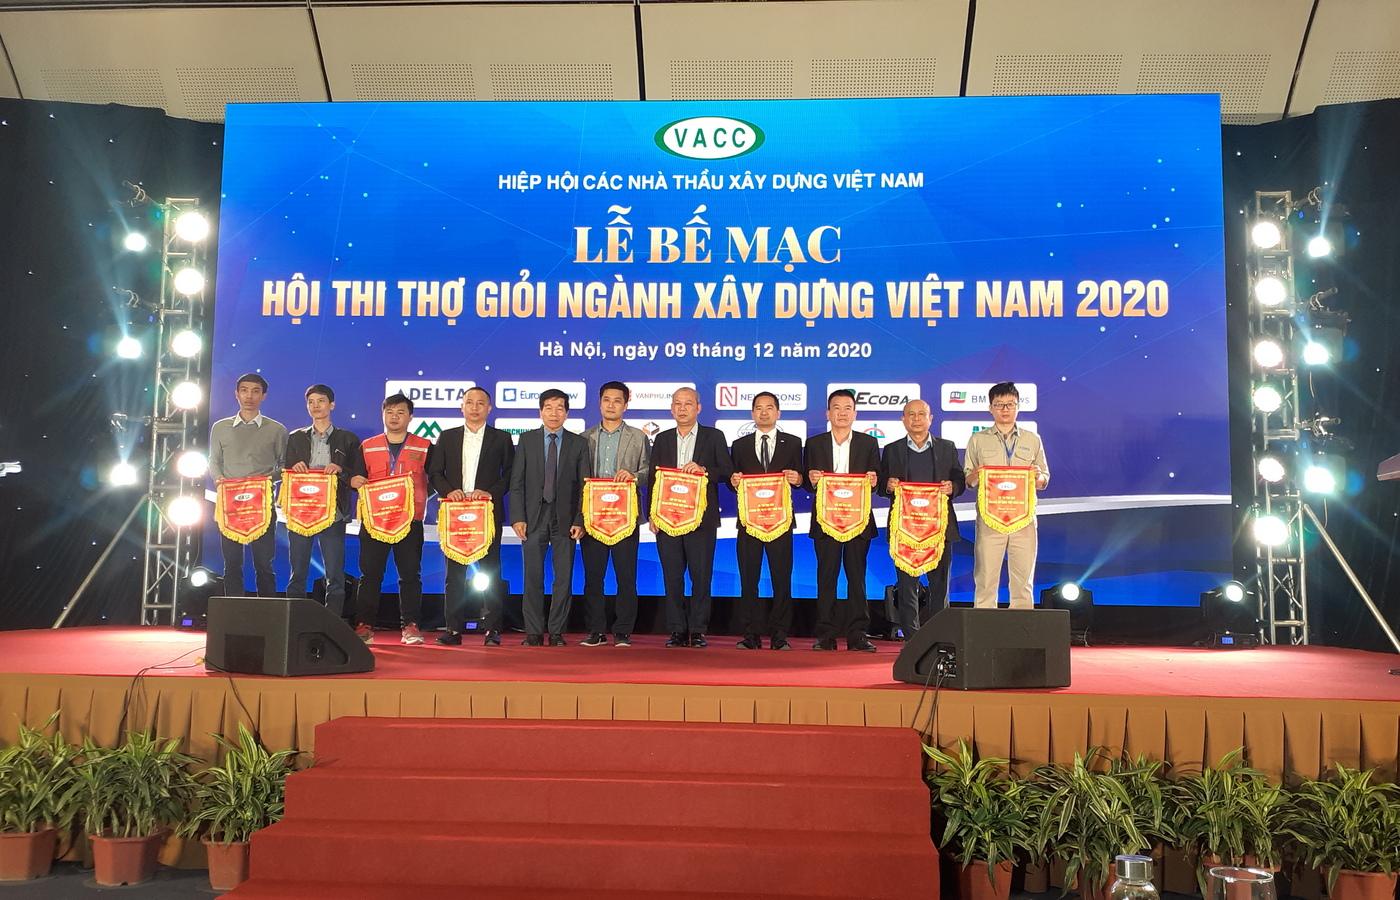 Visicons tham dự Hội thi thợ giỏi ngành xây dựng Việt Nam năm 2020 do Hiệp hội Các nhà thầu Xây dựng Việt Nam tổ chức.